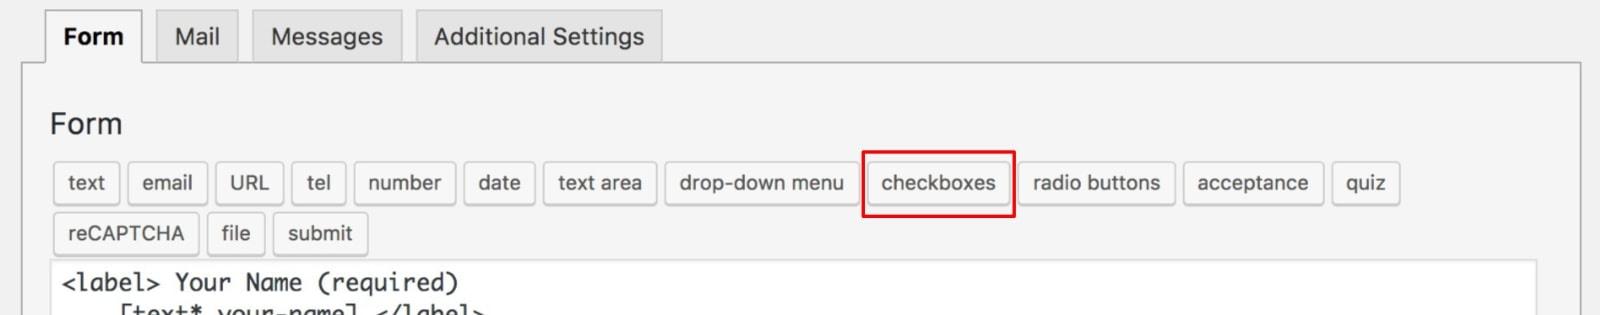 checkbox-button